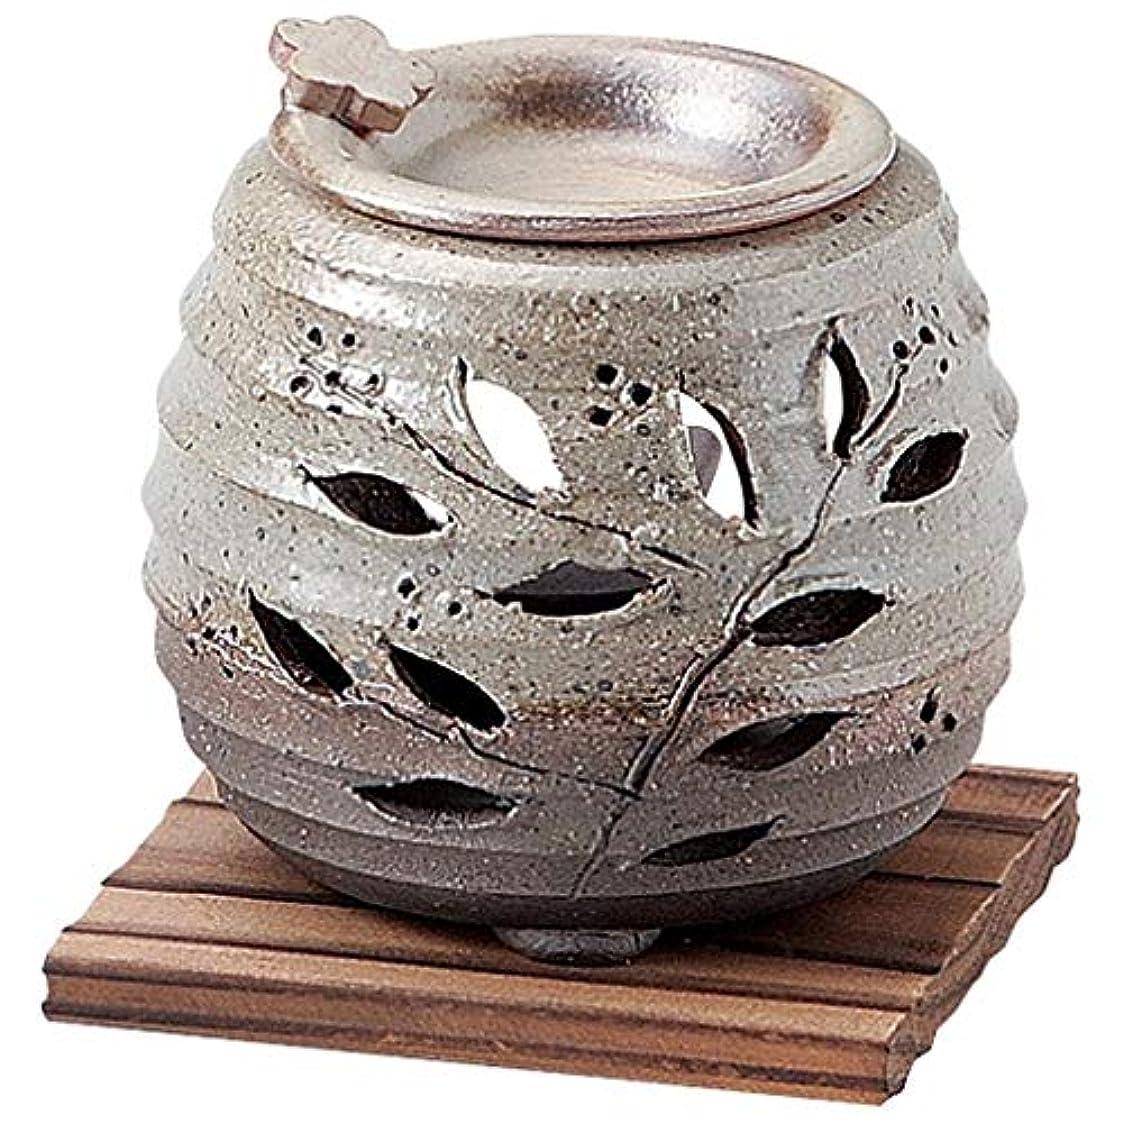 バイナリツイン週間お部屋の消臭に!■常滑焼【茶香炉】石龍作 緑灰釉花茶香炉(板付)